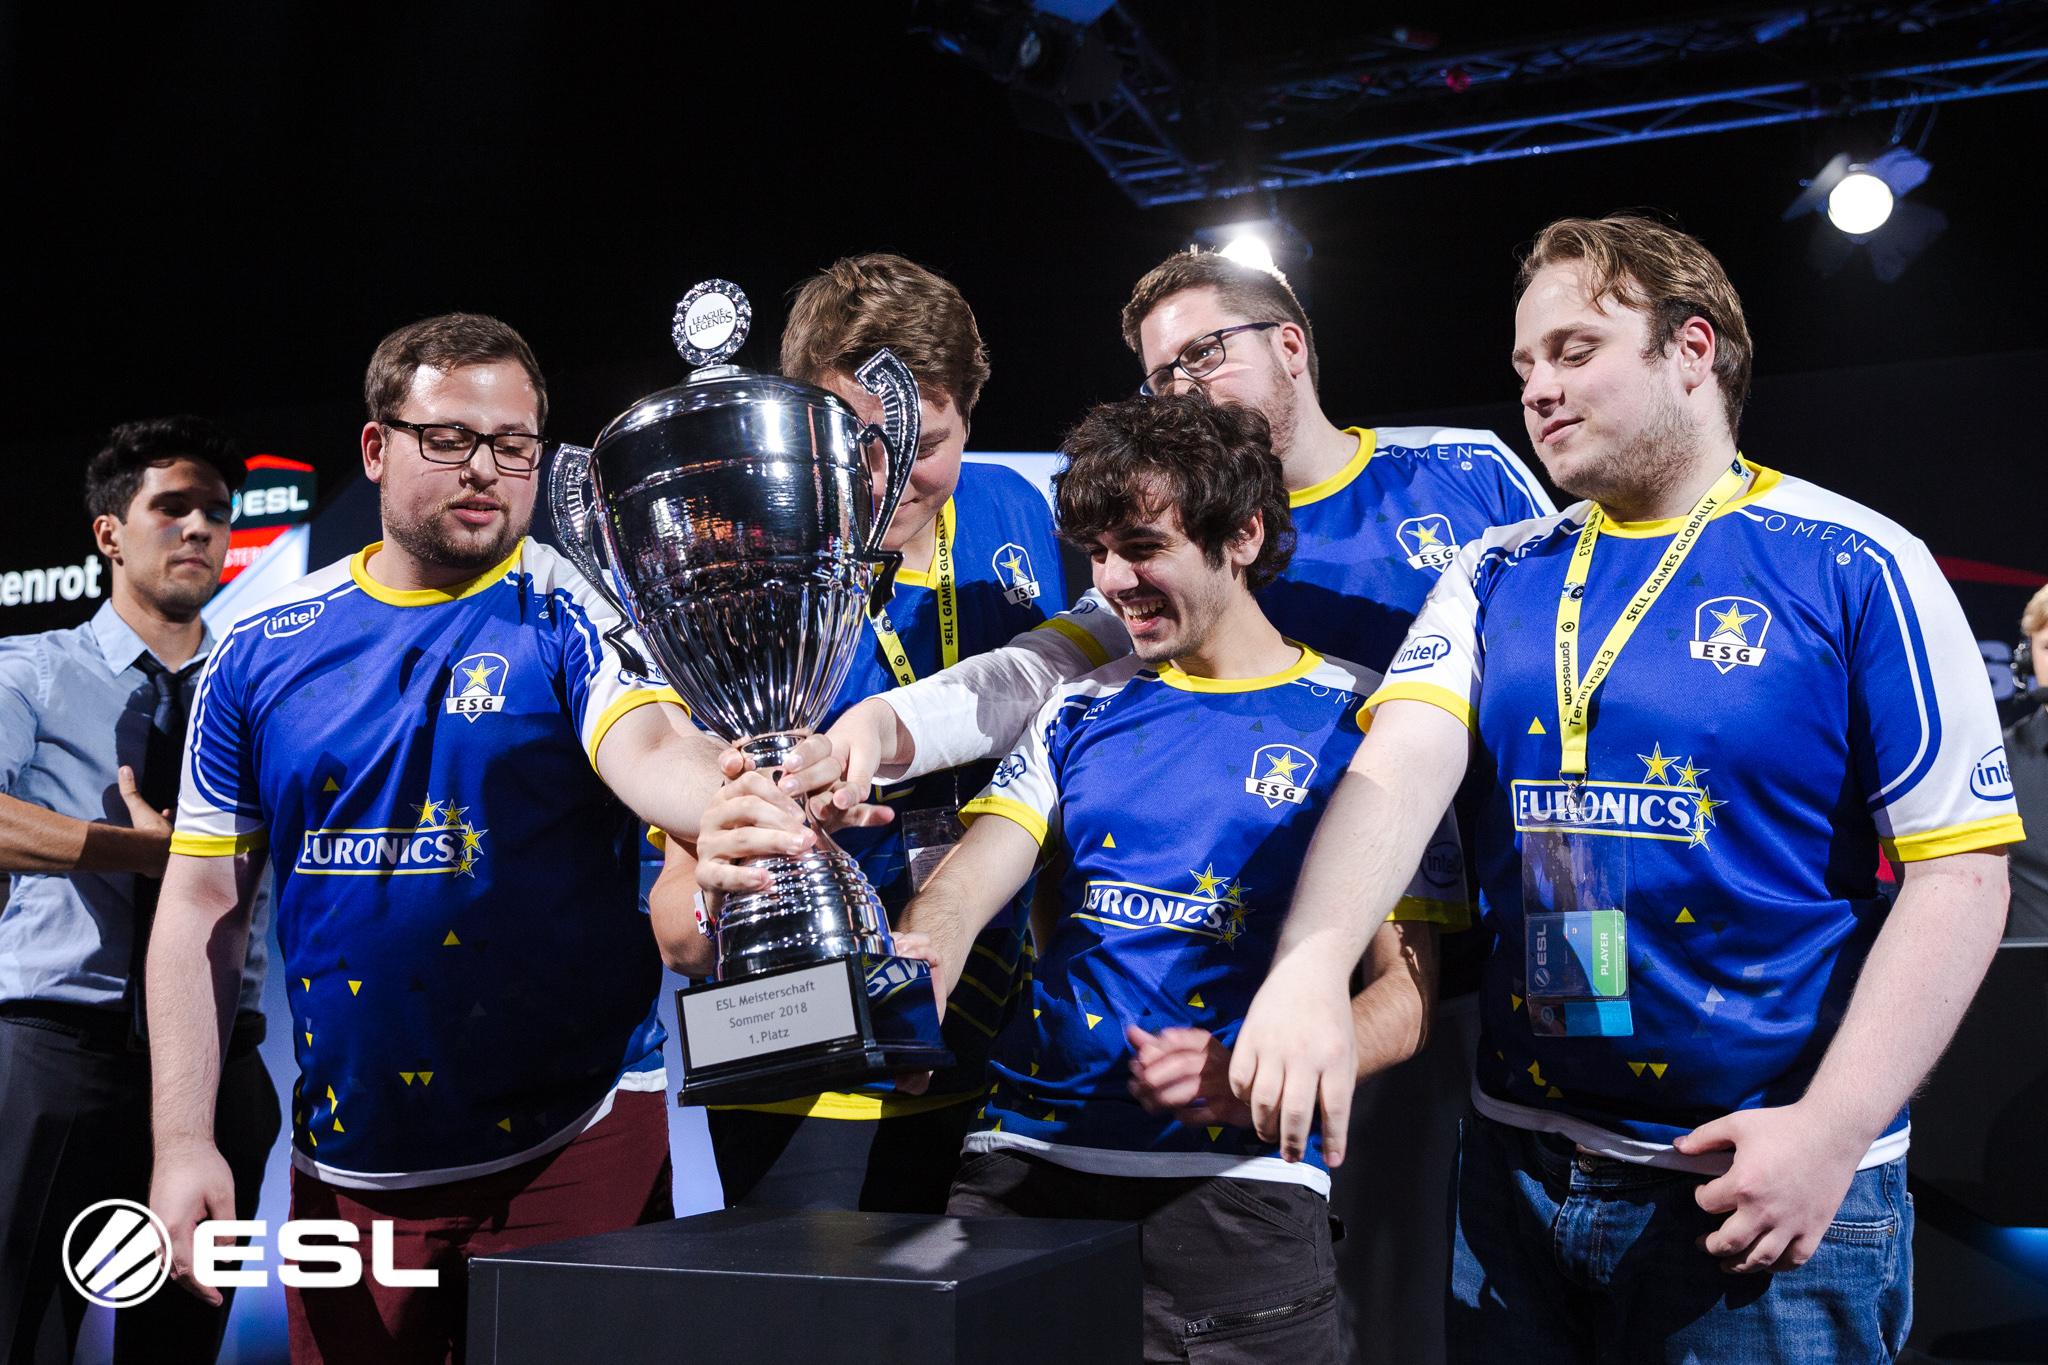 Meister EURONICS Gaming ist nach dem 4. Spieltag ärgster Verfolger von Aufsteiger SK Gaming